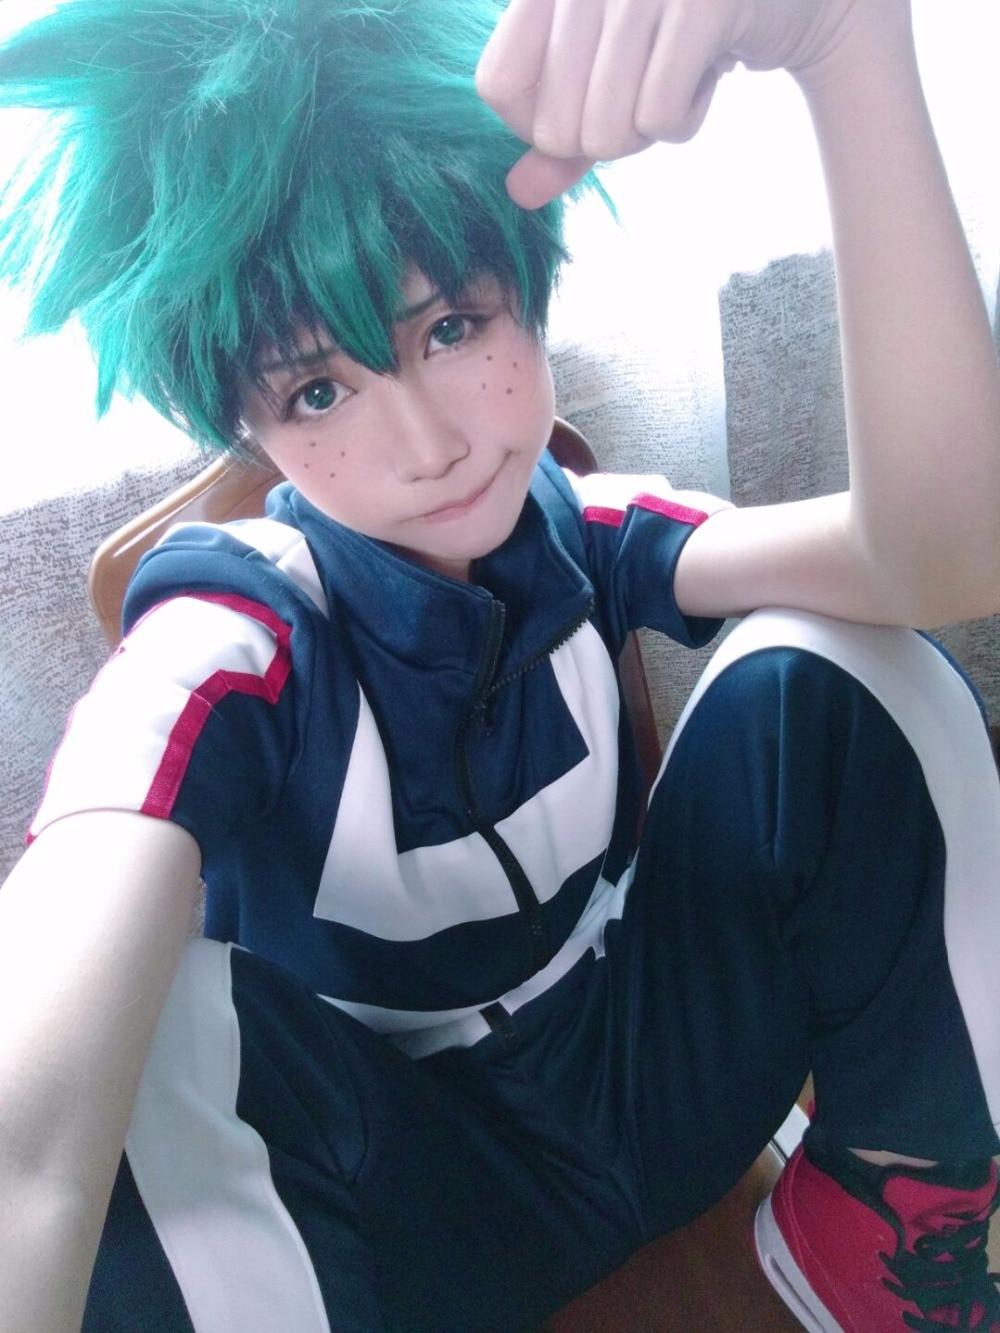 Boku No Hero Academia Bakugou Midoriya Iida School -2114